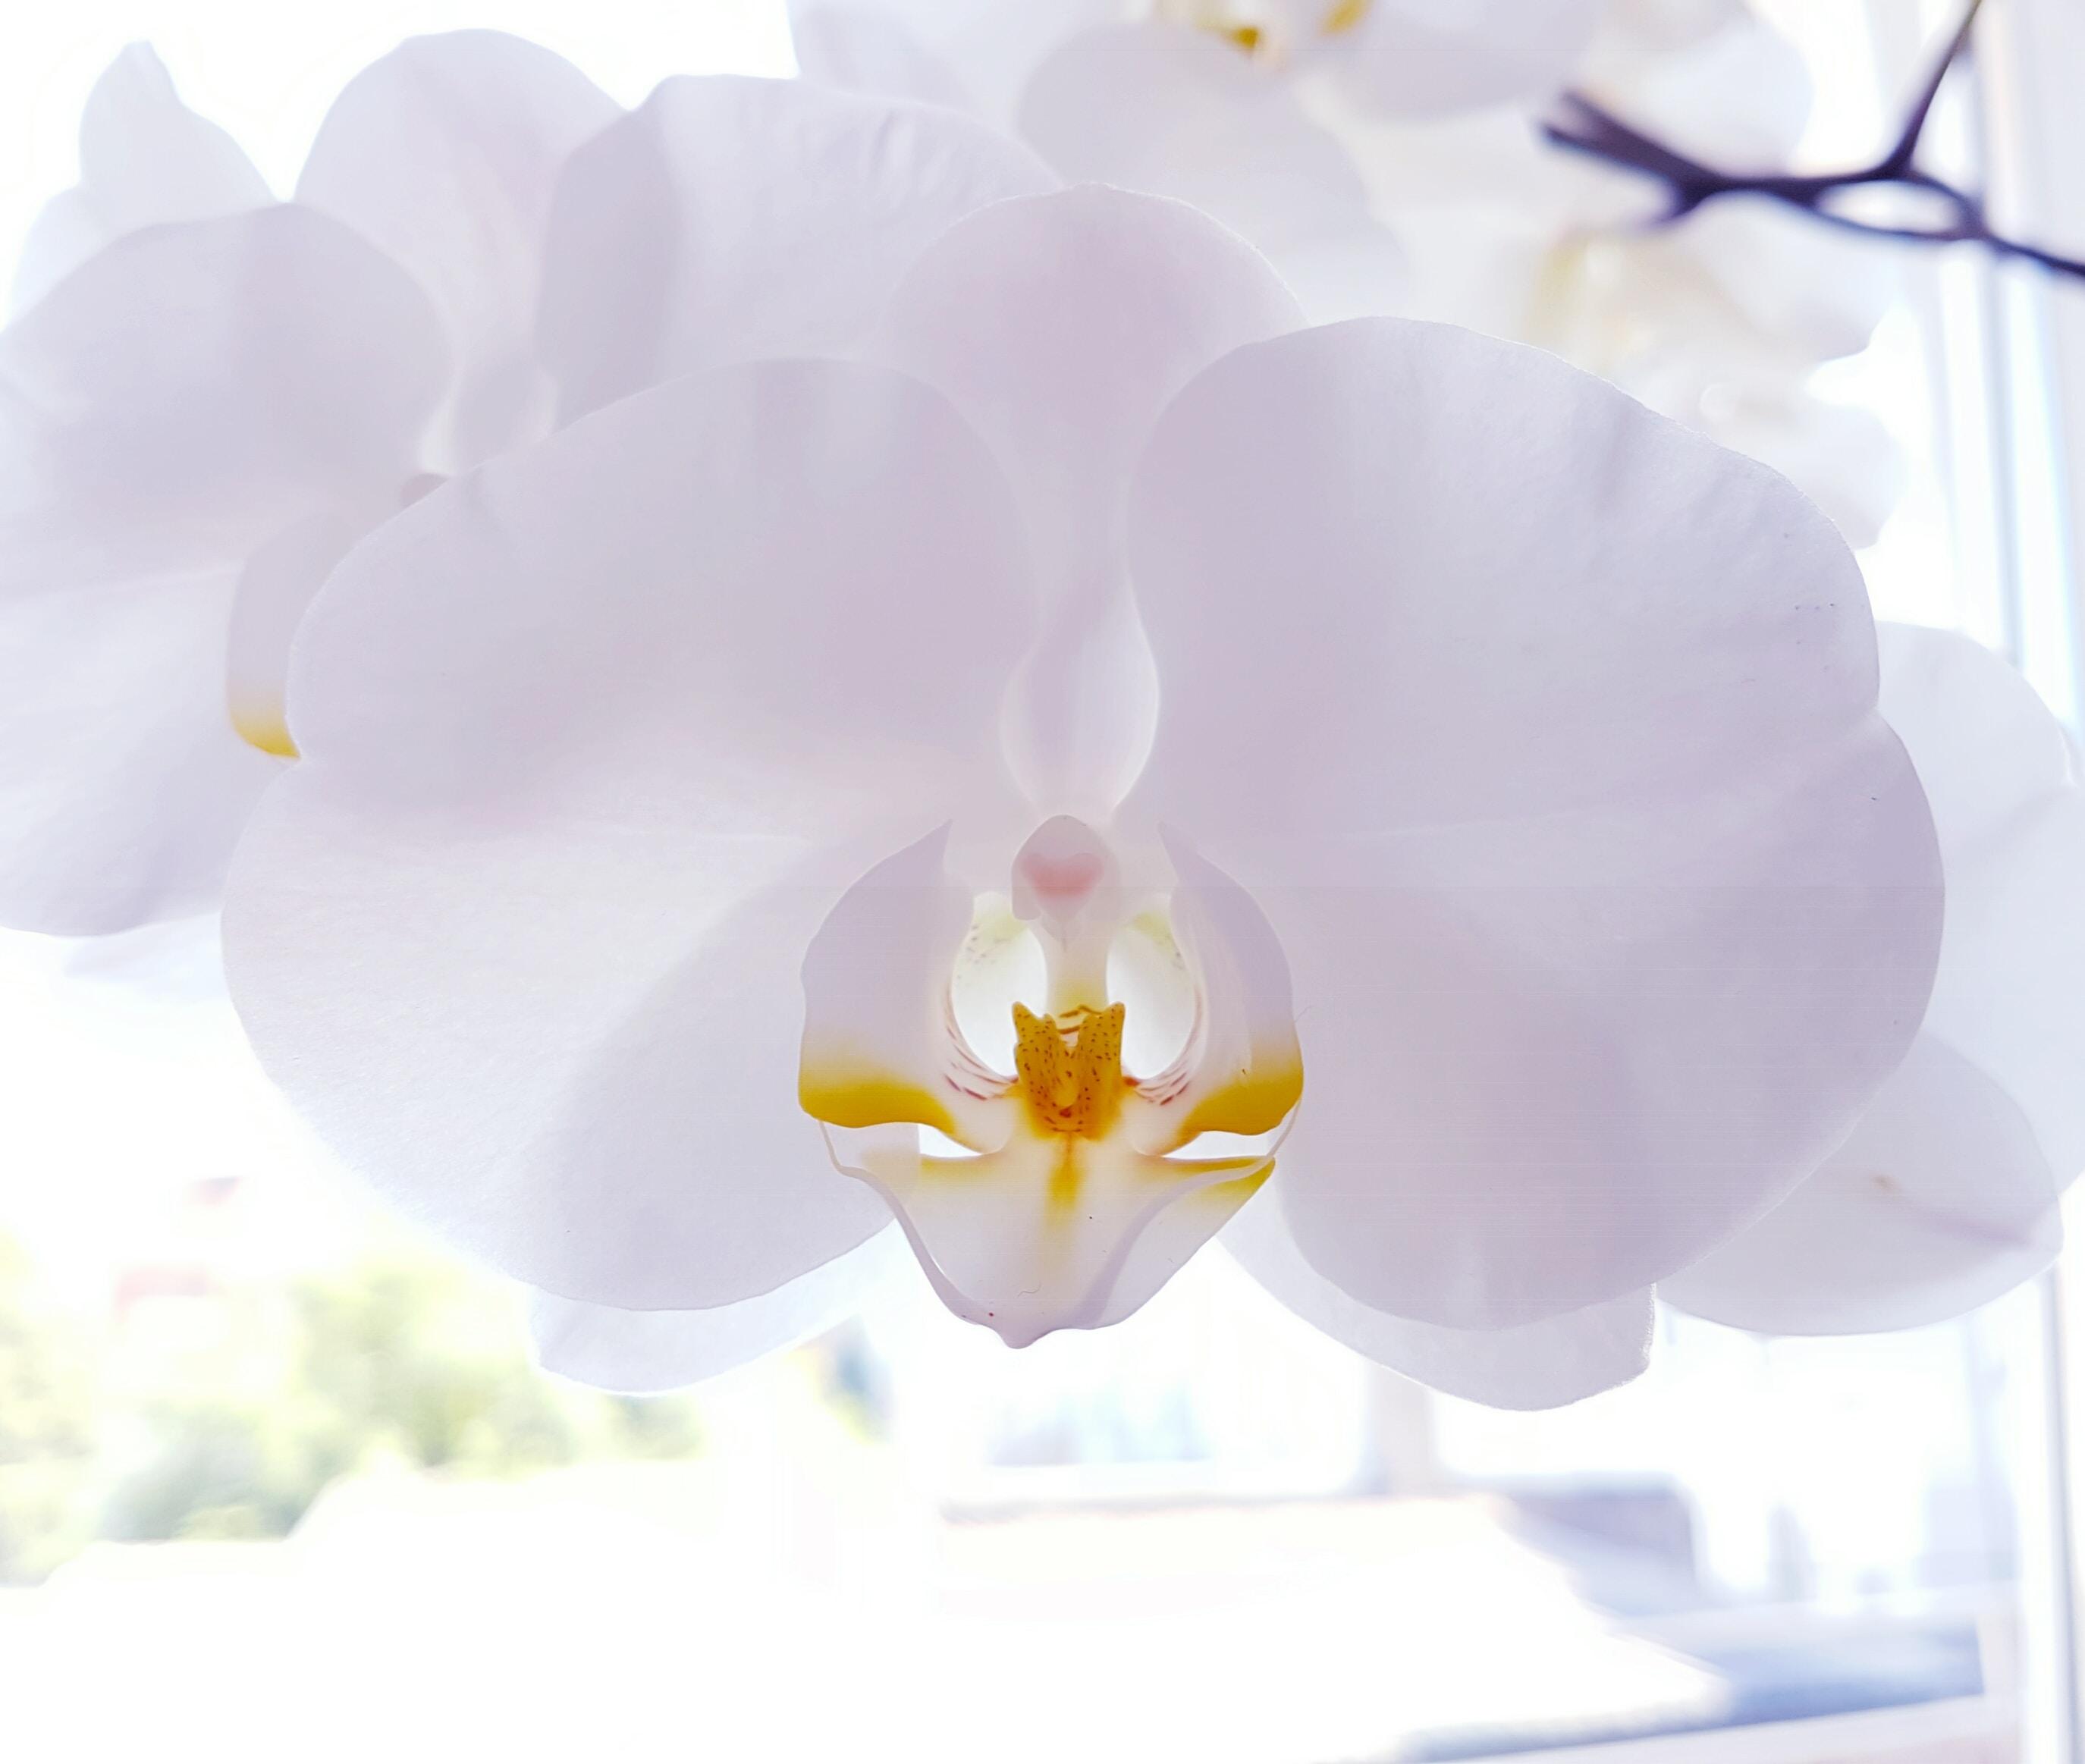 A closeup of white flower petals inside.